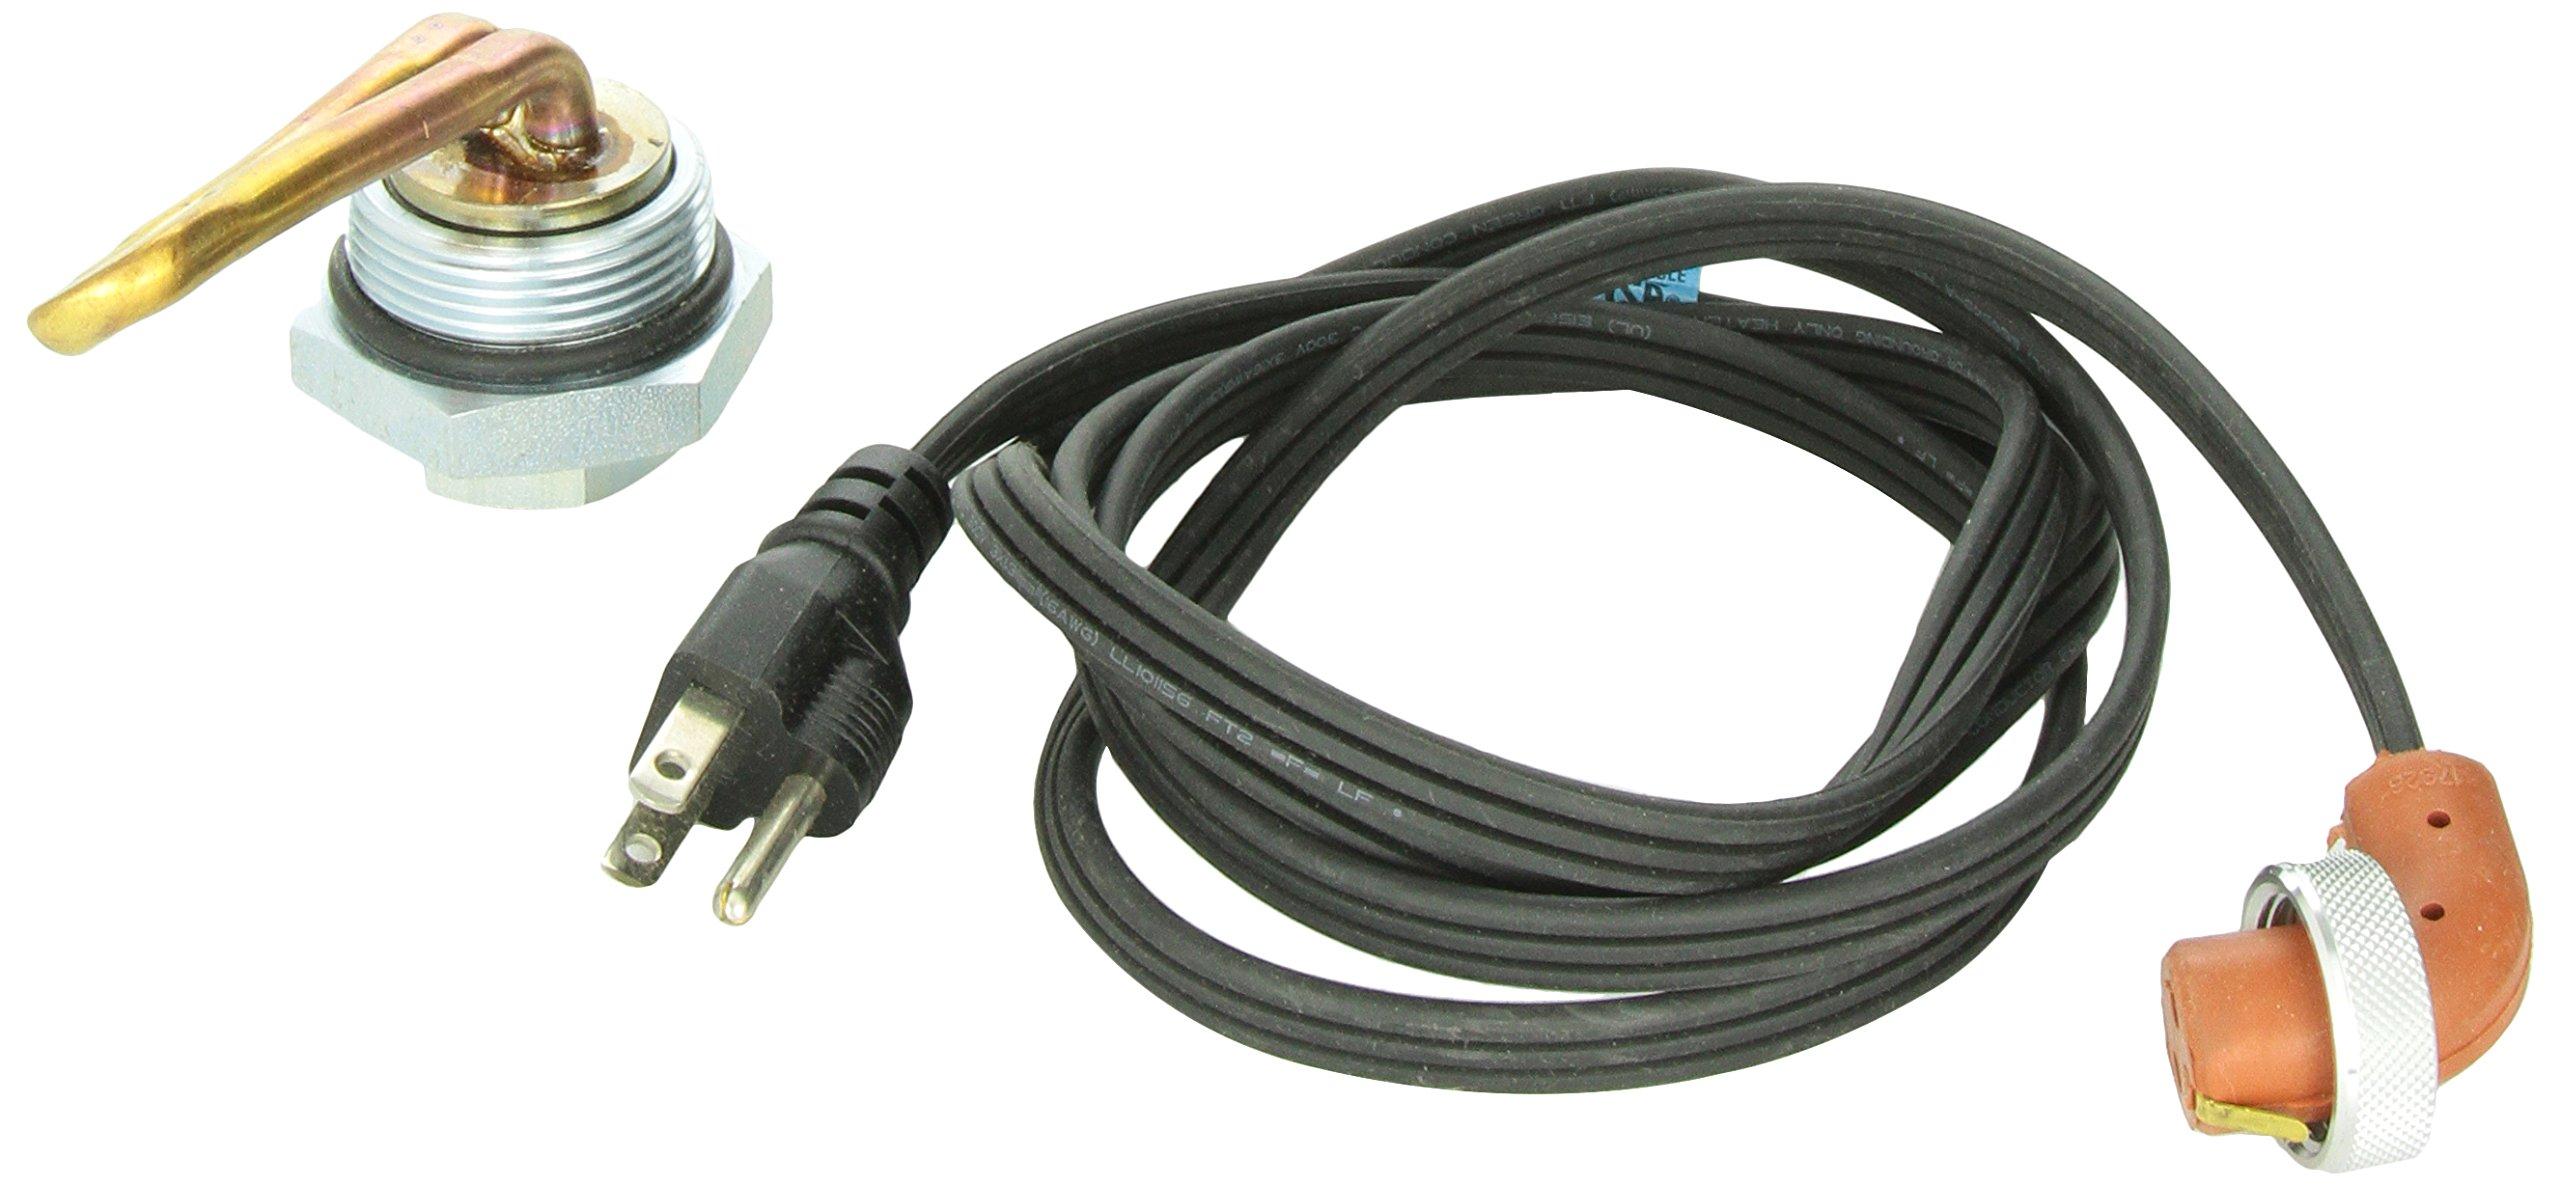 Zerostart 350-0029 Engine Block Heater by Zerostart